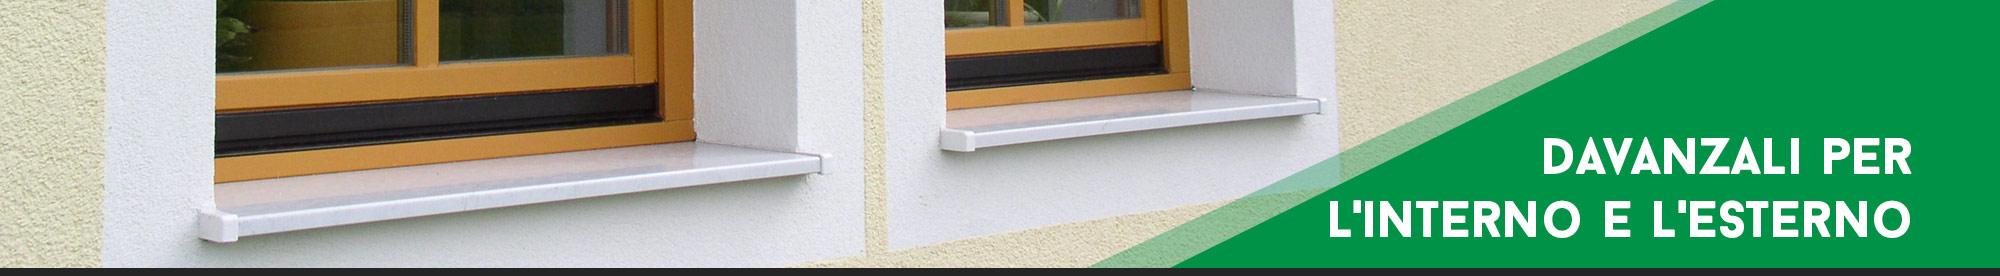 Davanzali desa fenster - Davanzali per finestre ...